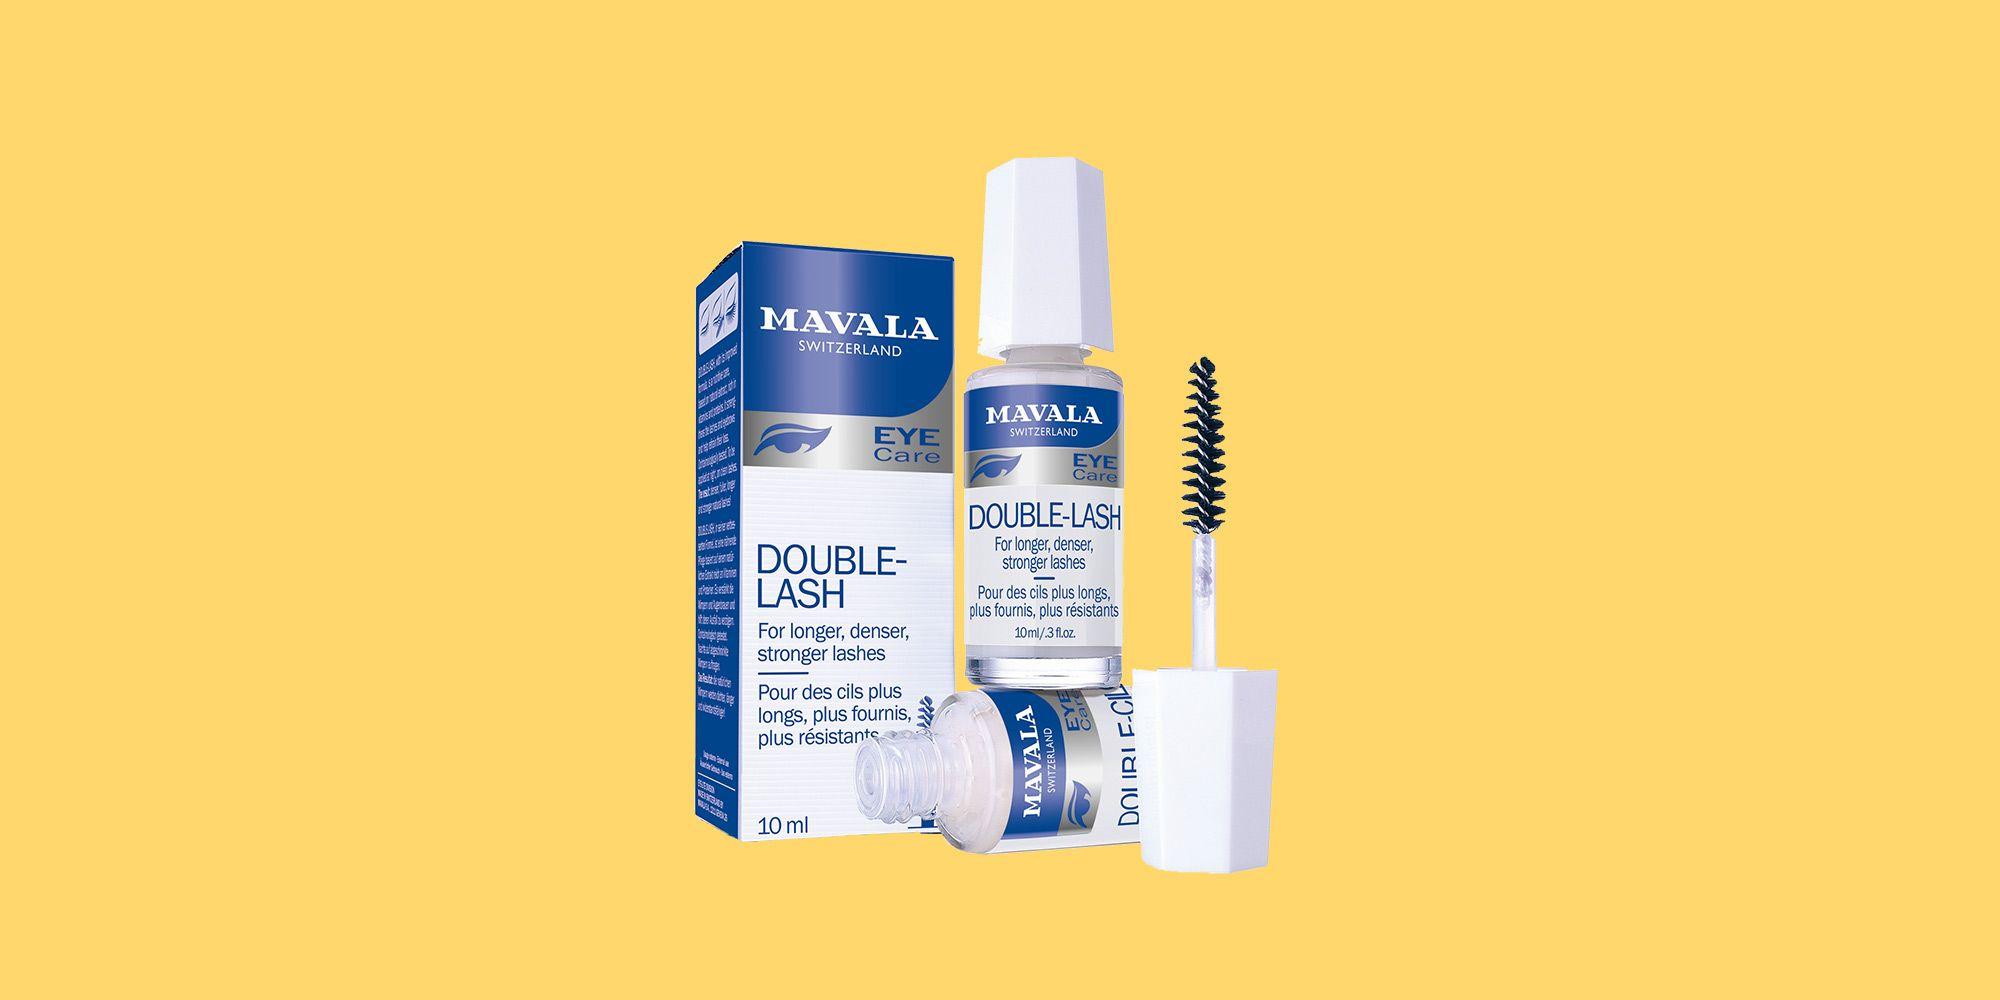 50a9ce7229b Mavala Double Lash Review